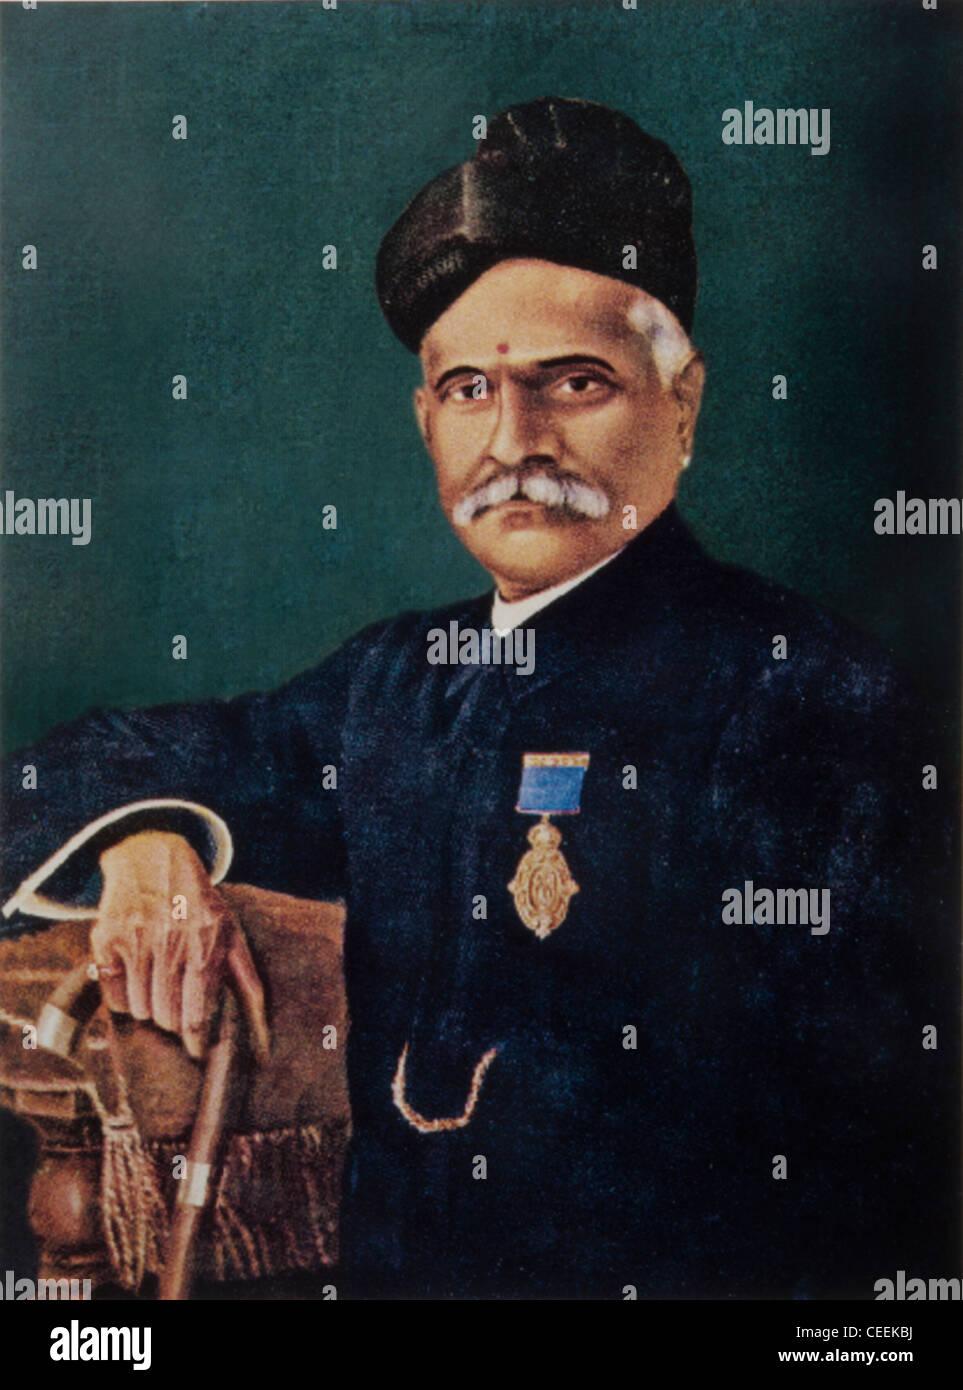 Raja Ravi Varma, il pittore indiano dal Stato principesco di Travancore che hanno ottenuto il riconoscimento da Immagini Stock